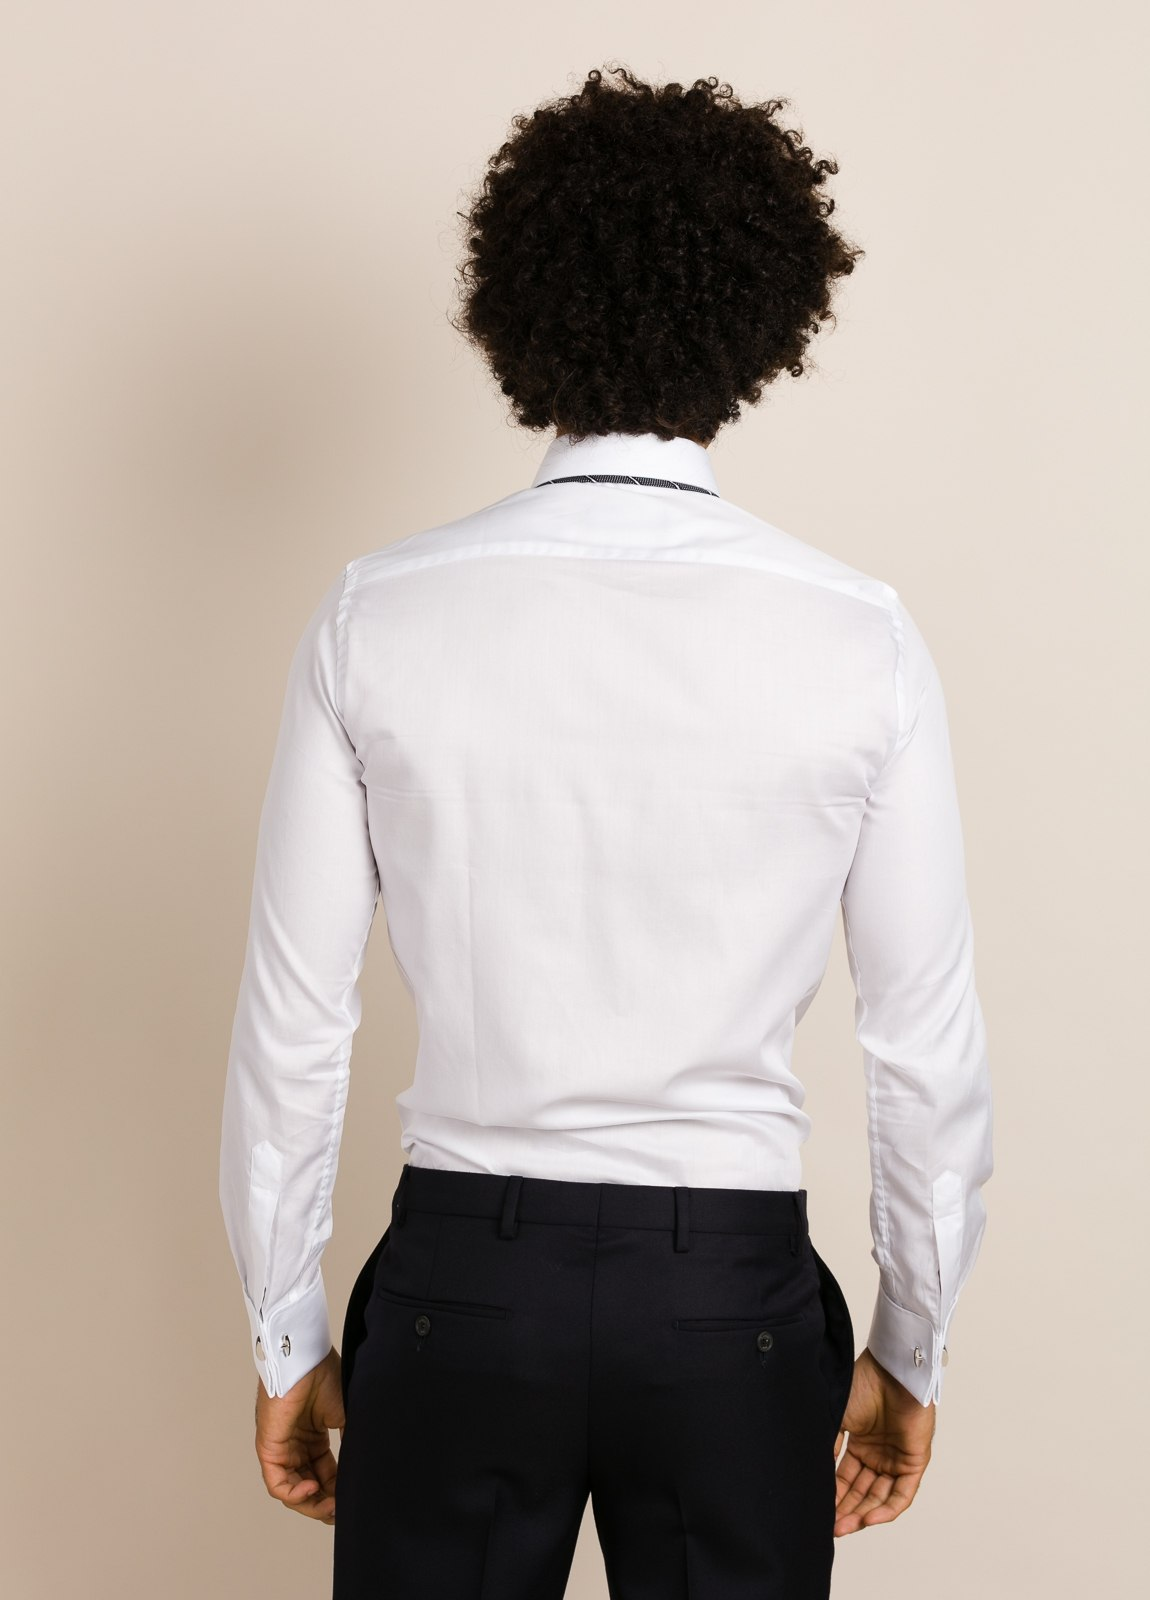 Camisa vestir FUREST COLECCIÓN Regular Fit Puño Doble blanco. - Ítem2